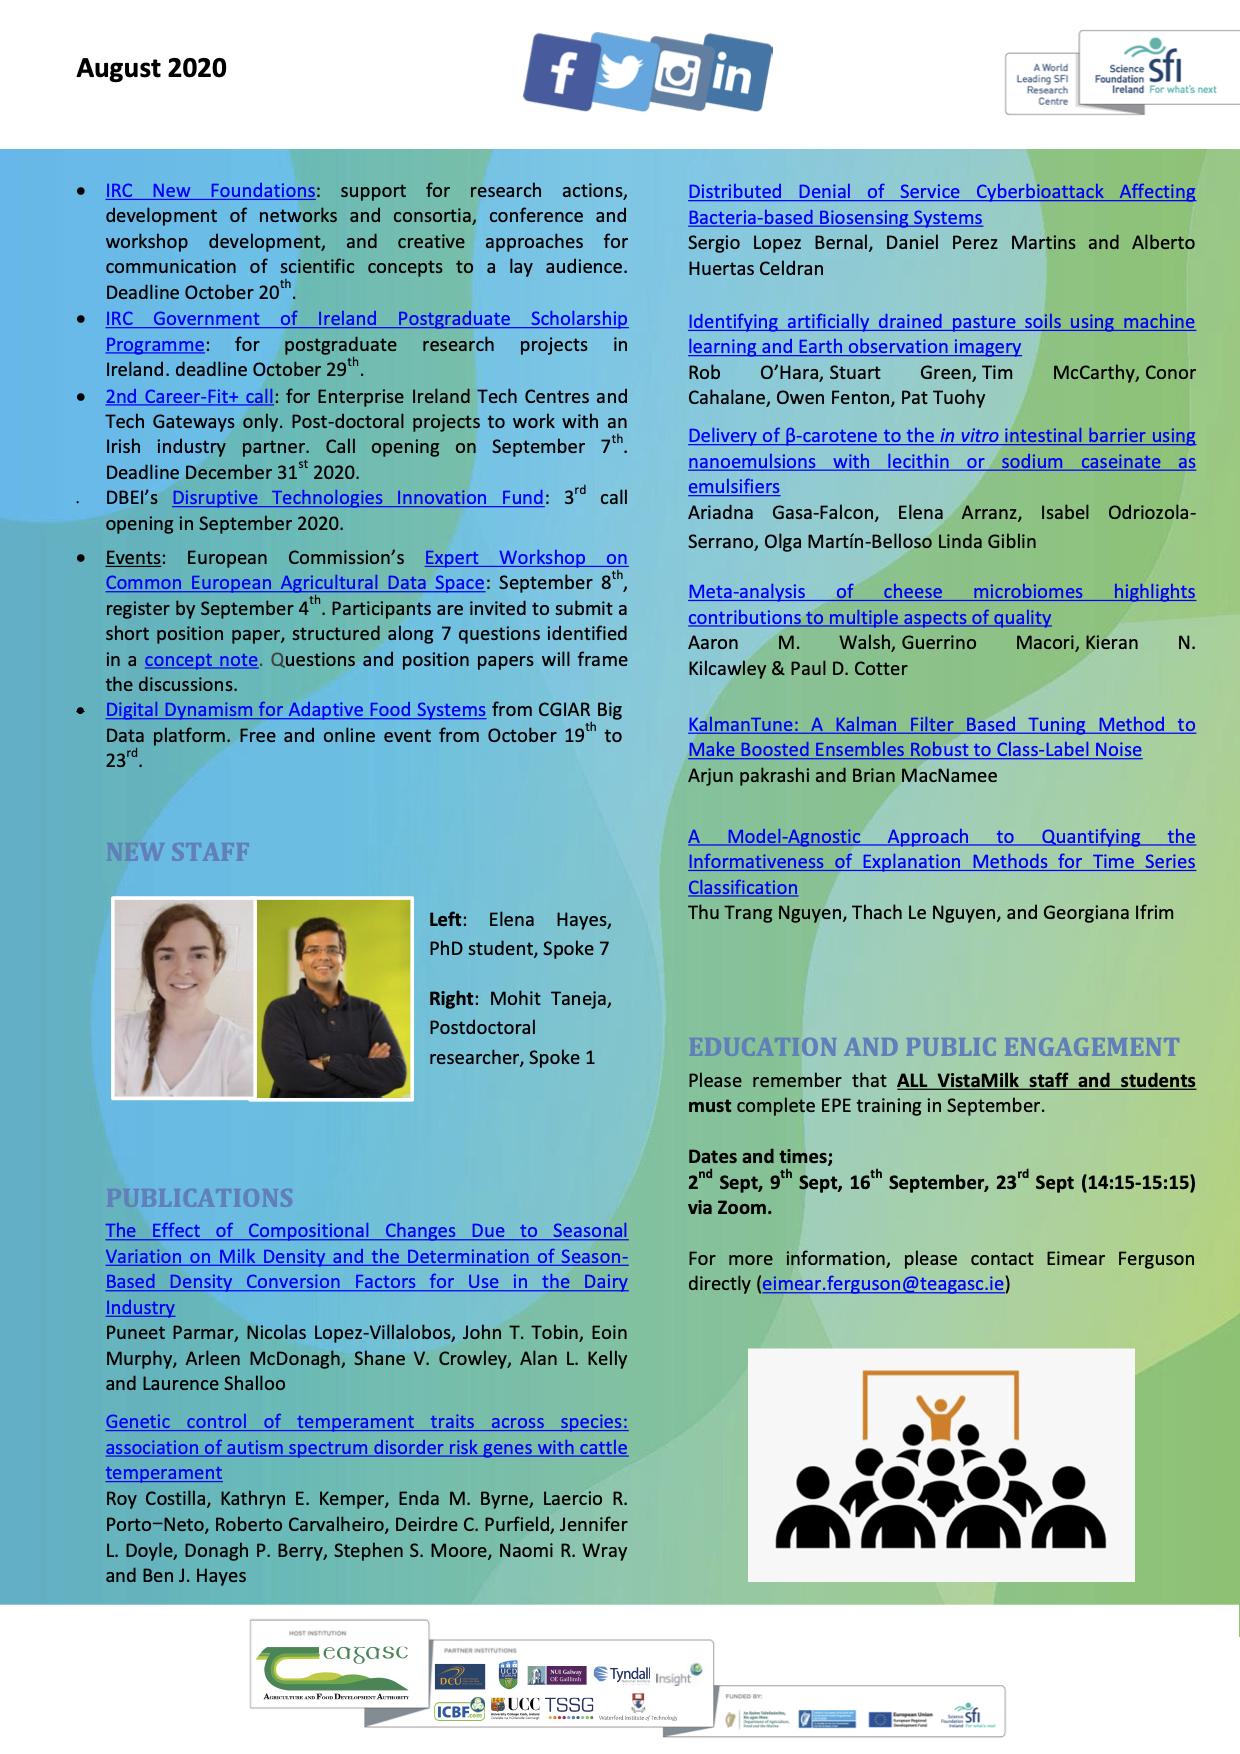 VistaMilk August 2020 Updates   VistaMilk